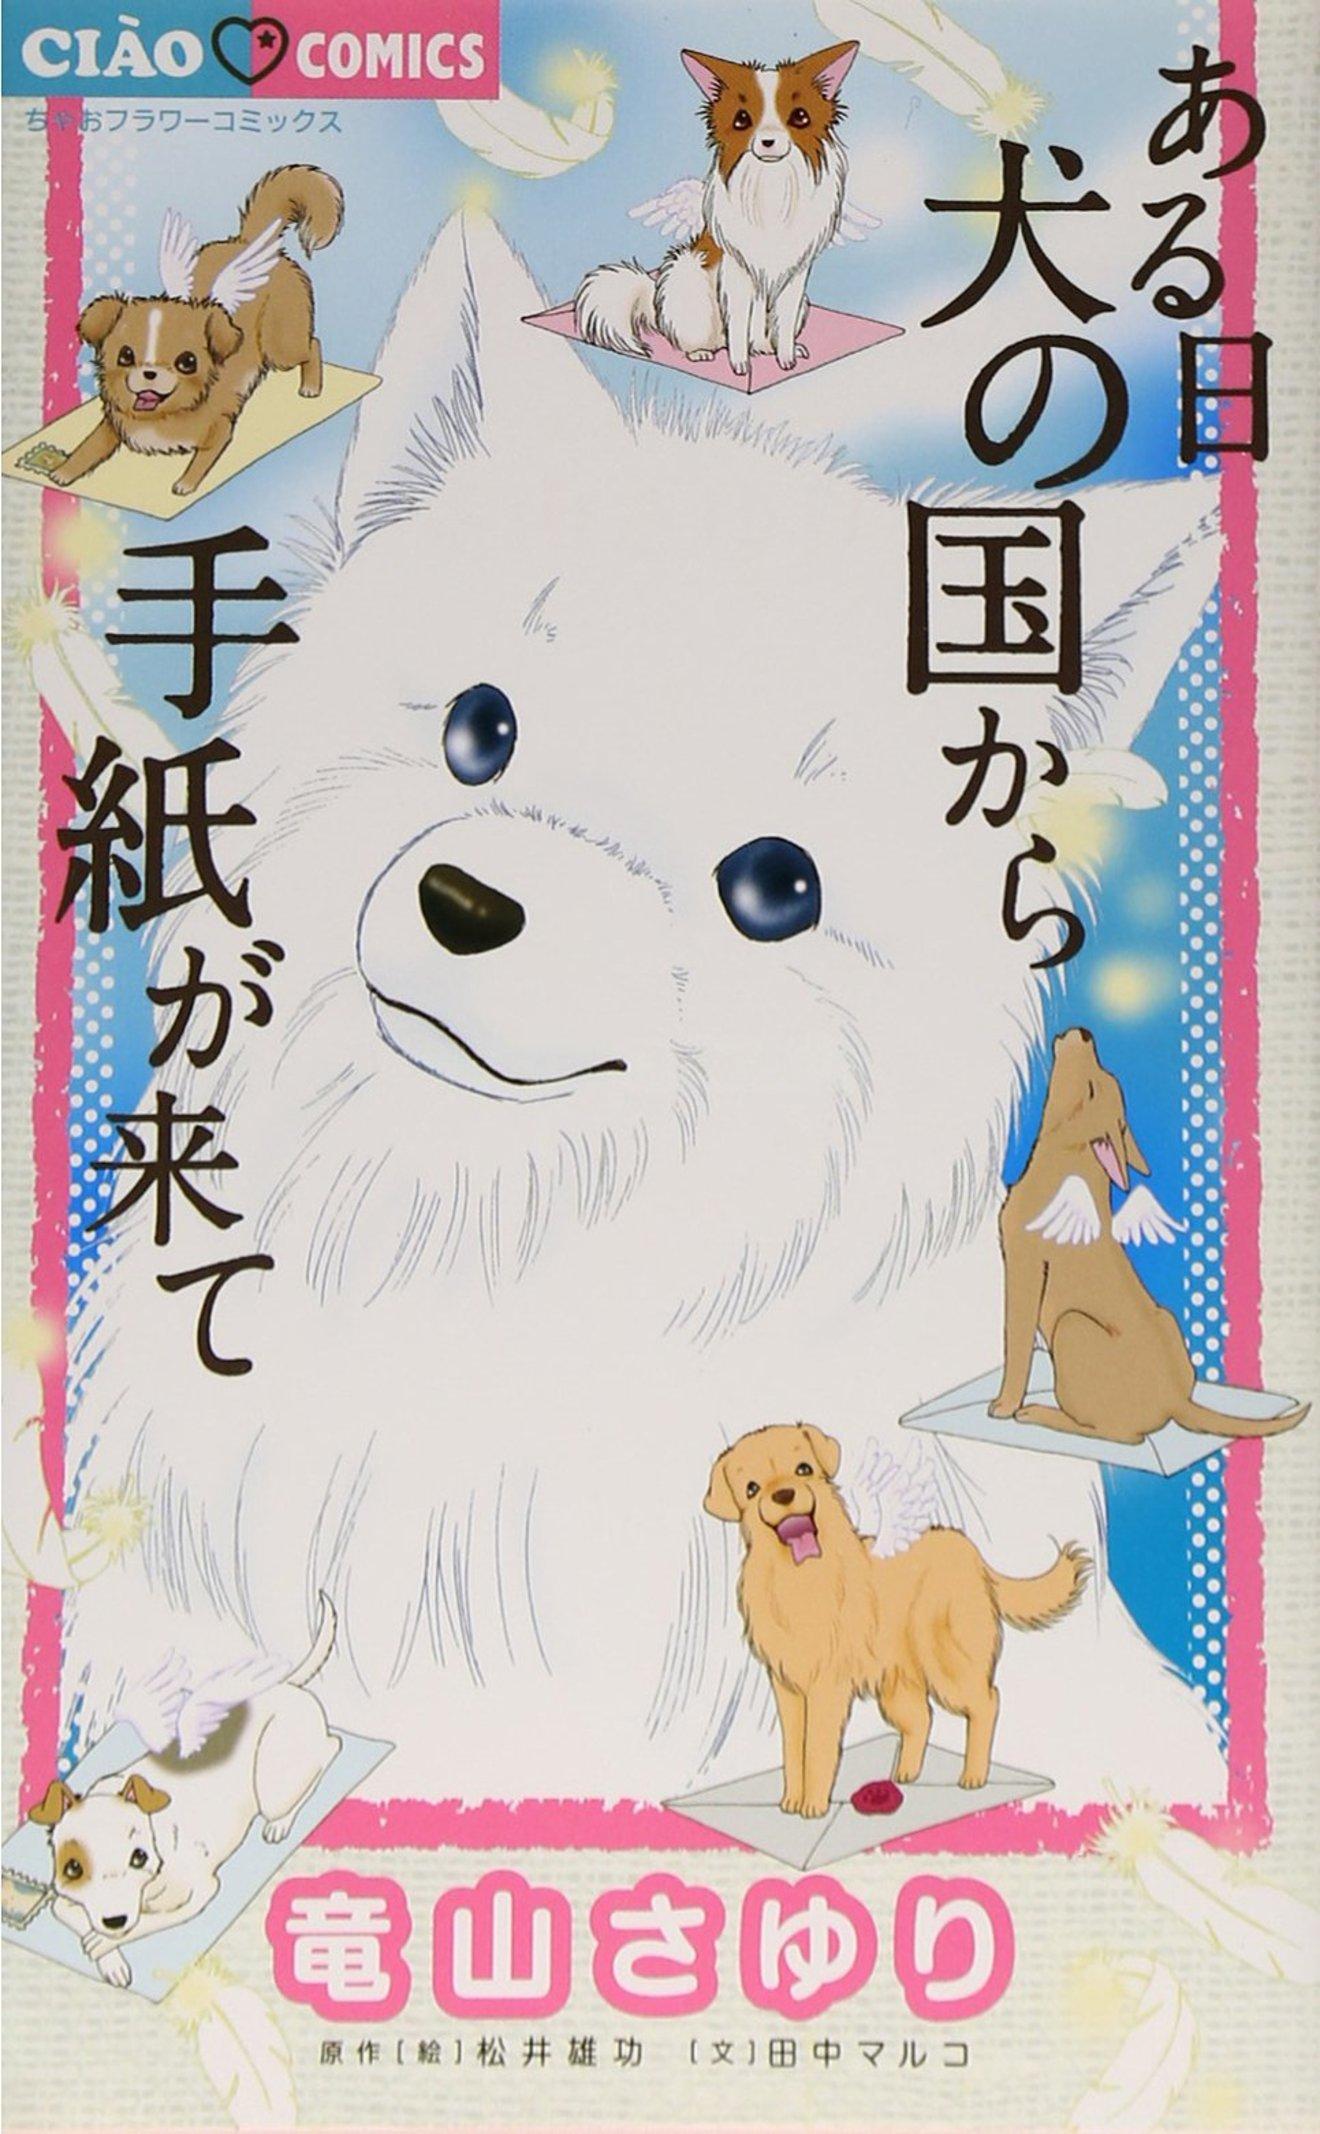 『ある日犬の国から手紙が来て』の魅力を3つの話からネタバレ紹介!【無料】